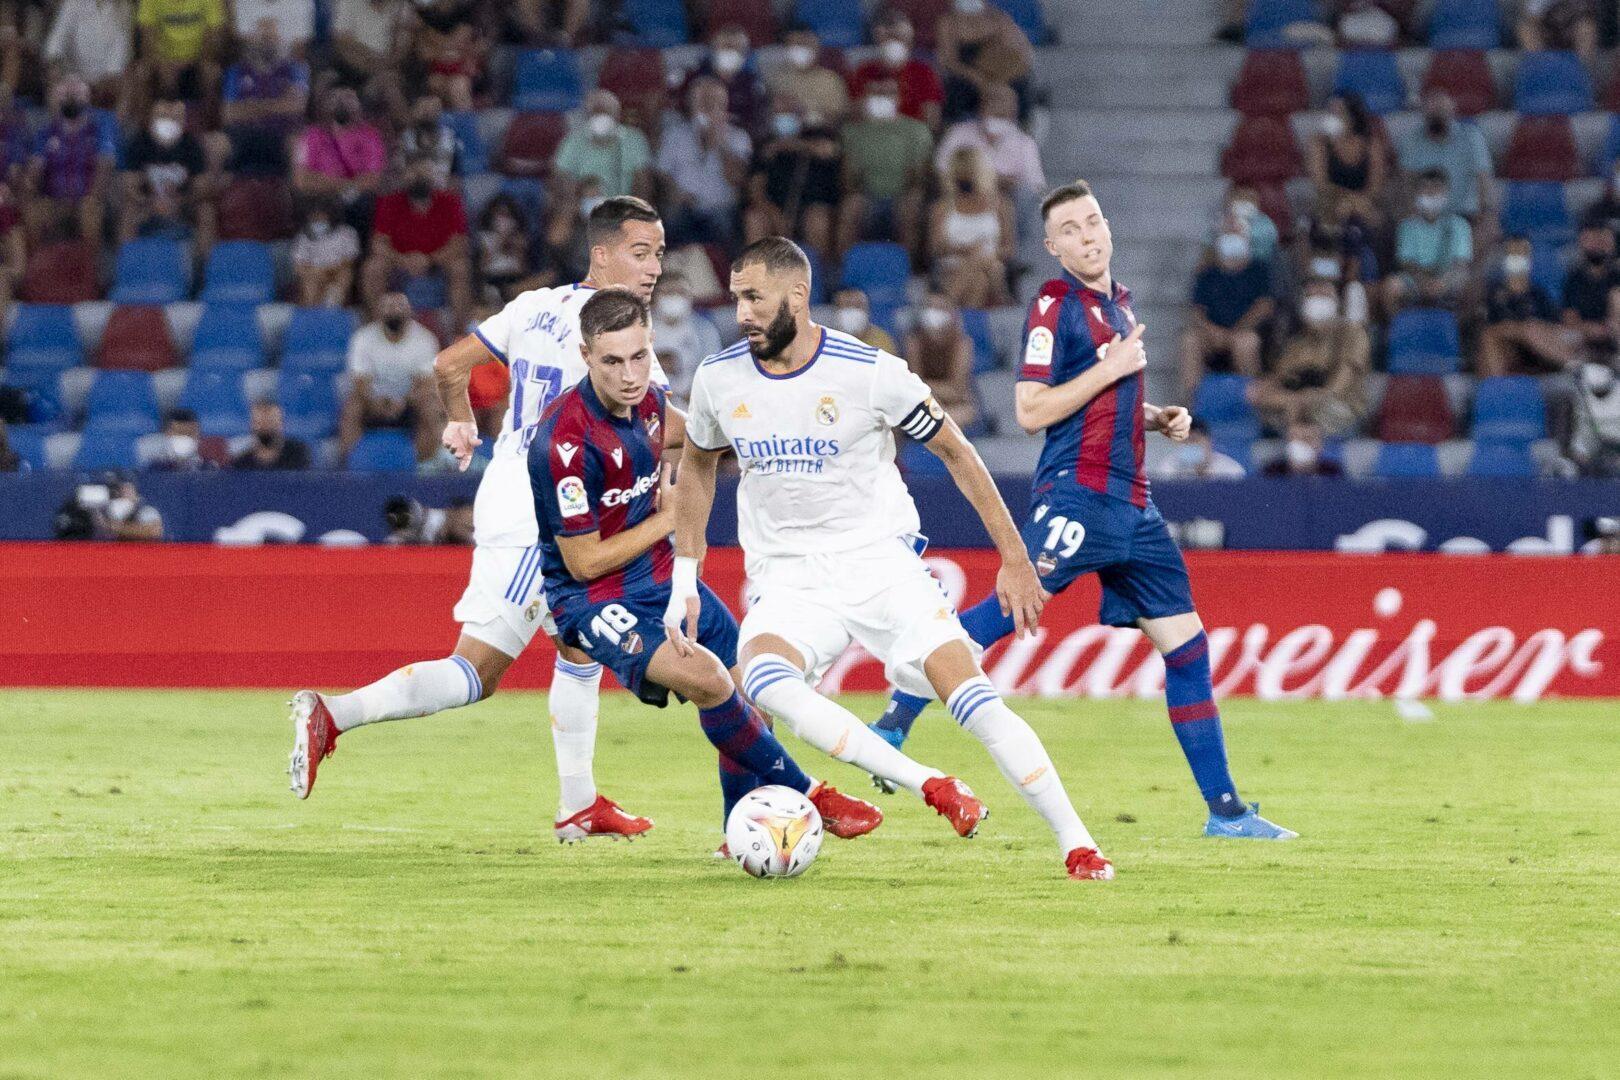 Sechs Tore, ein Platzverweis, ein Feldspieler im Tor: Levante und Real Madrid liefern Spektakel